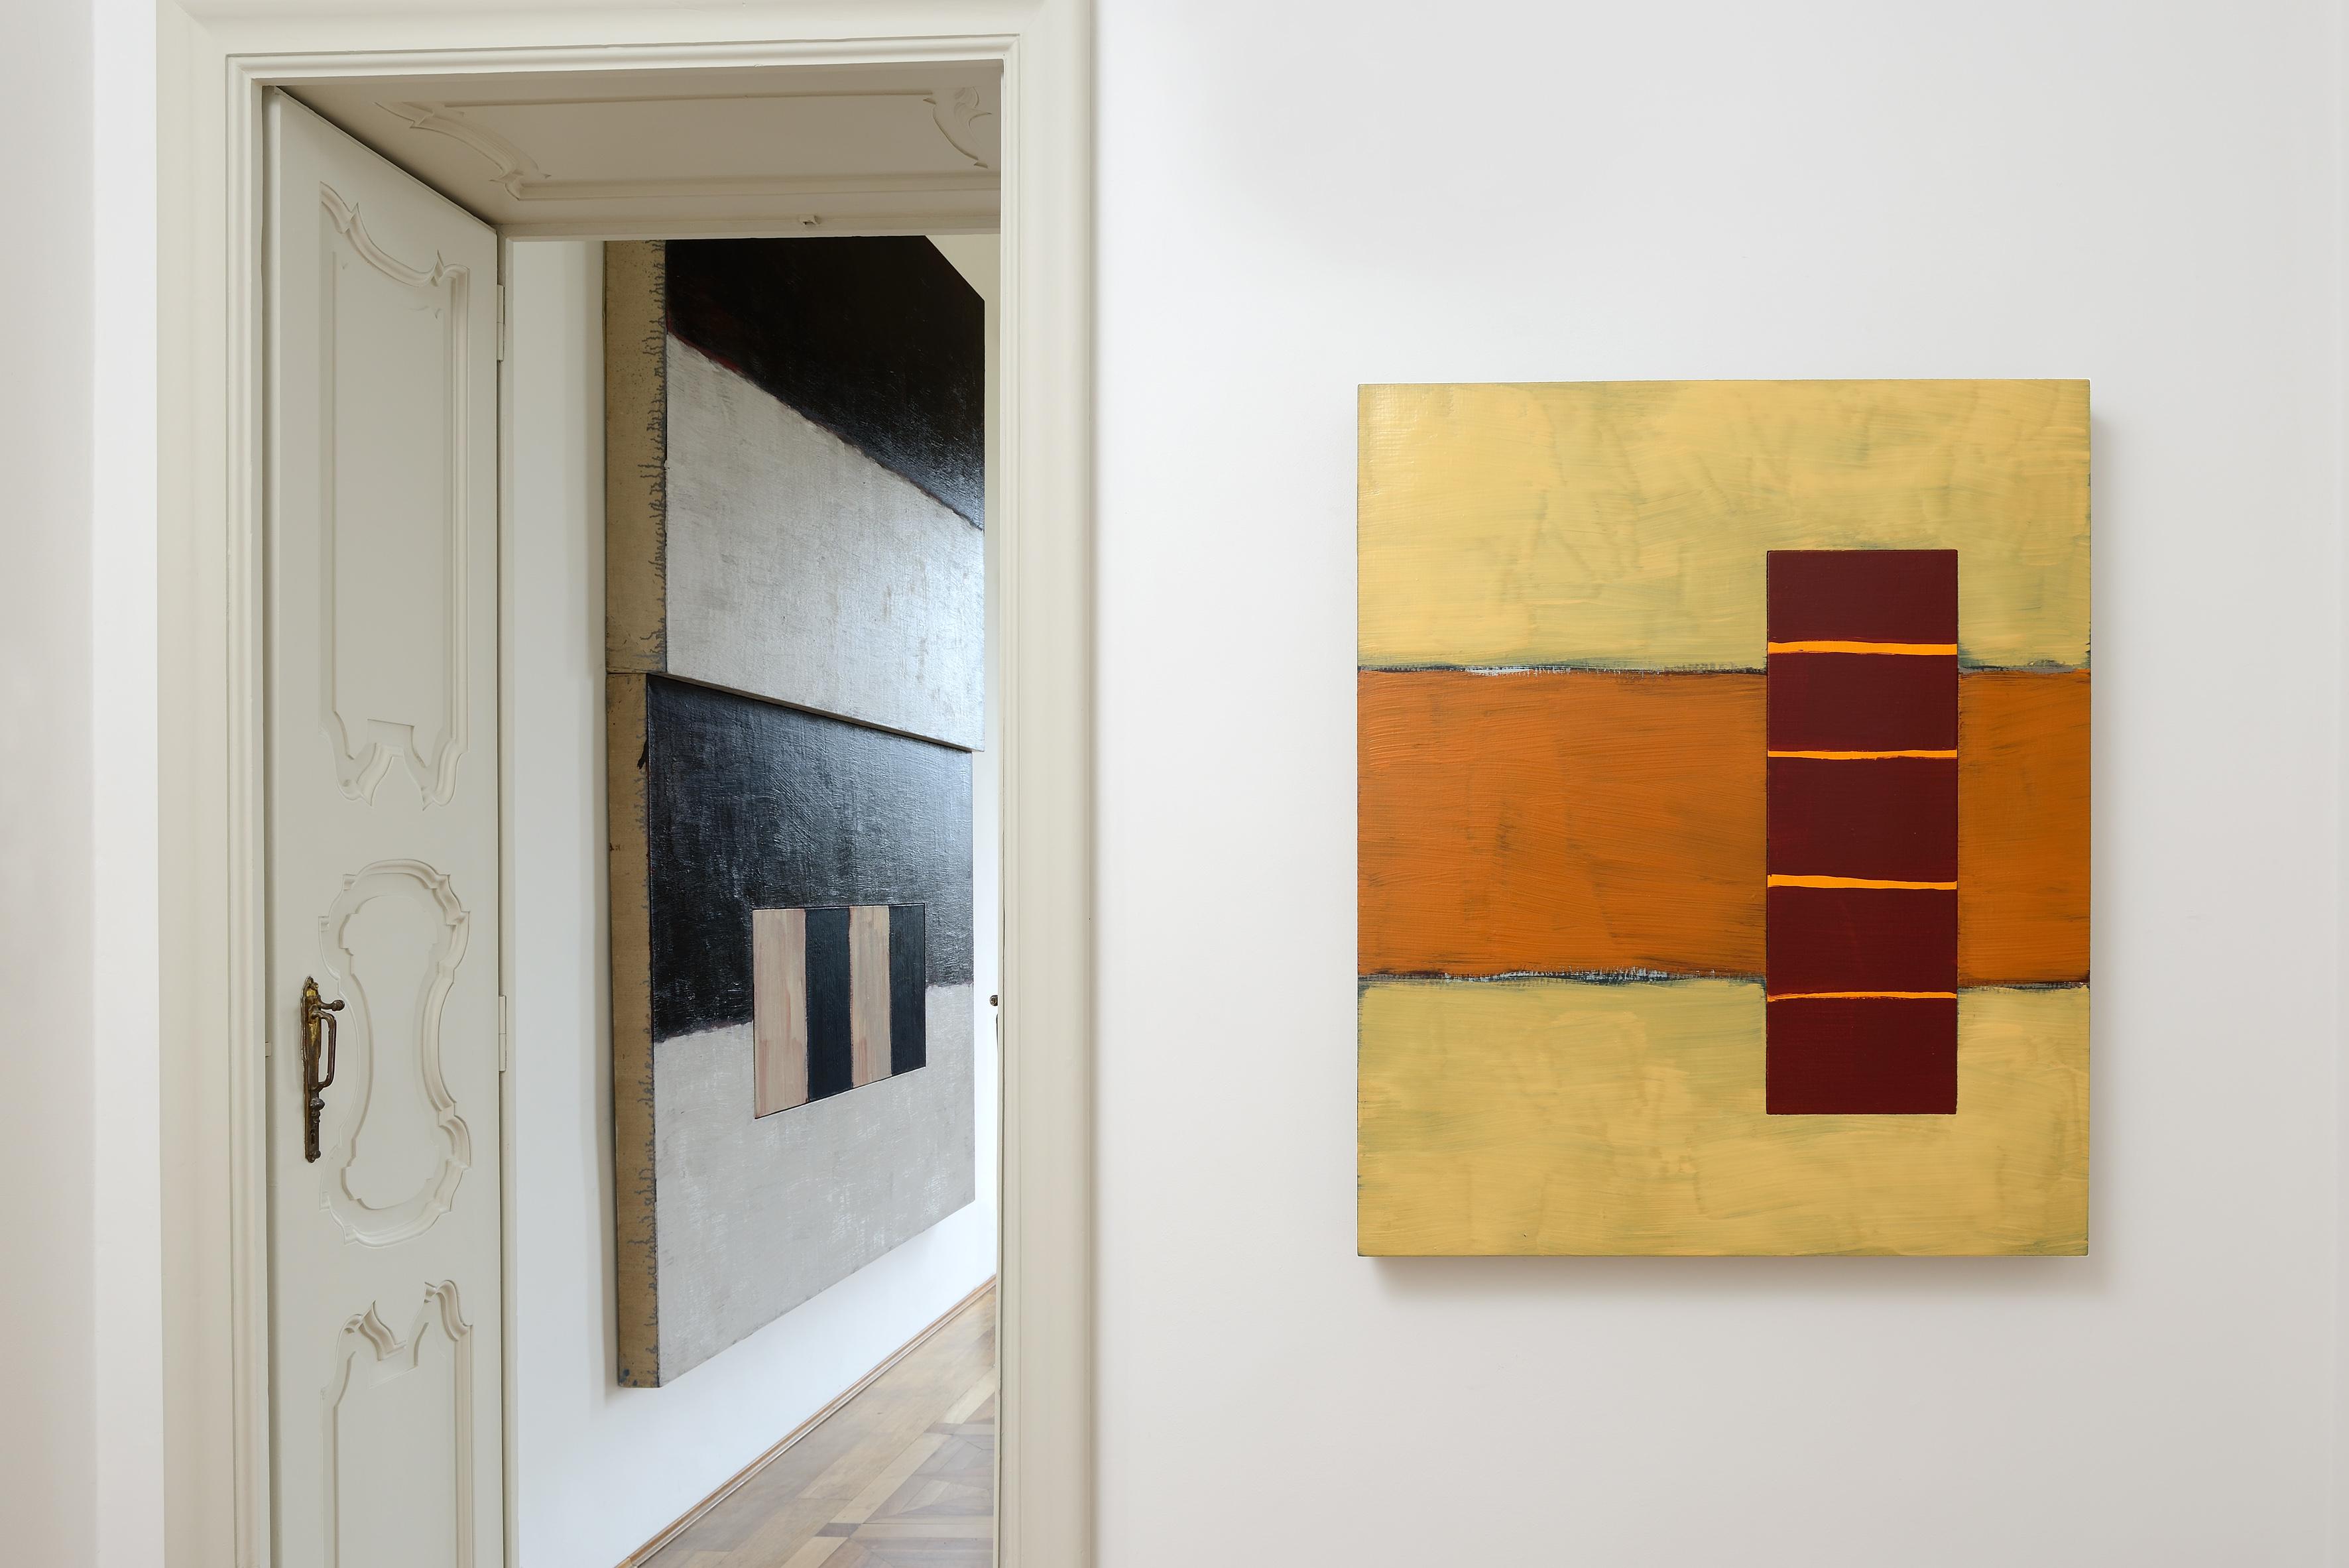 Long Light, Sean Scully a Villa Panza - Courtesy Magonza, Photo Michele Alberto Sereni